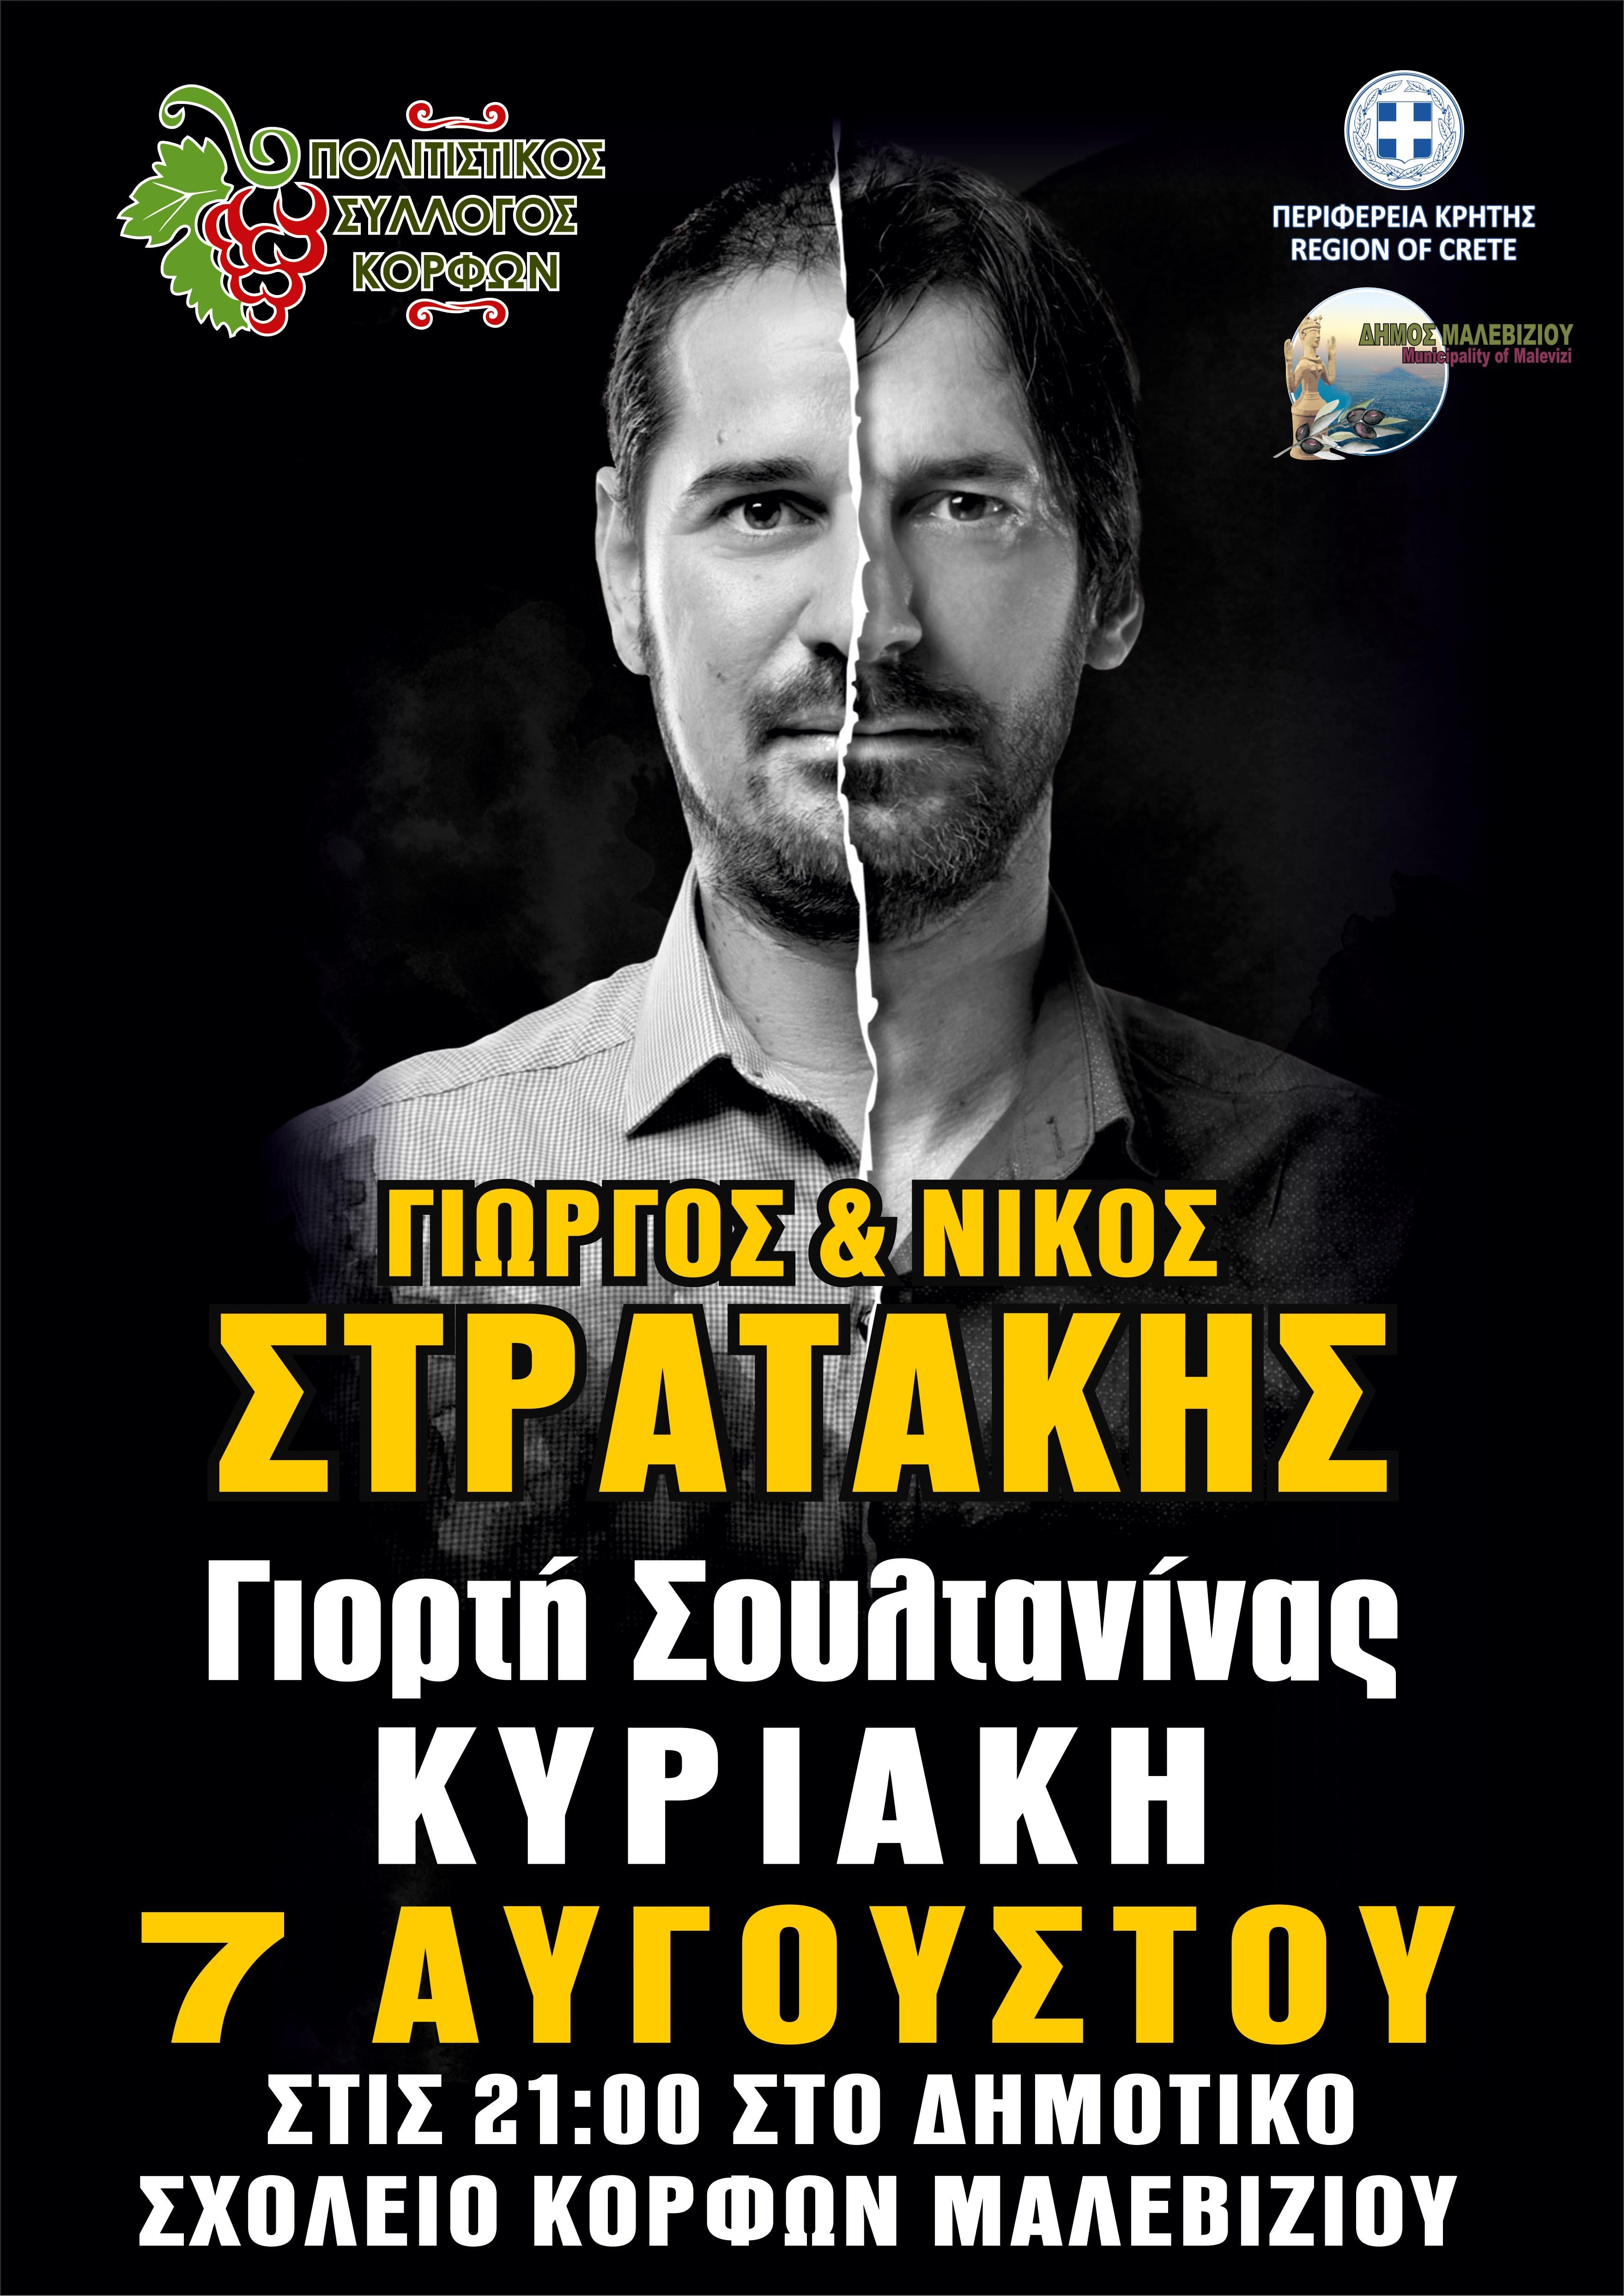 Π.Σ Κορφών - Αφίσα Στρατάκια 7-8-2016